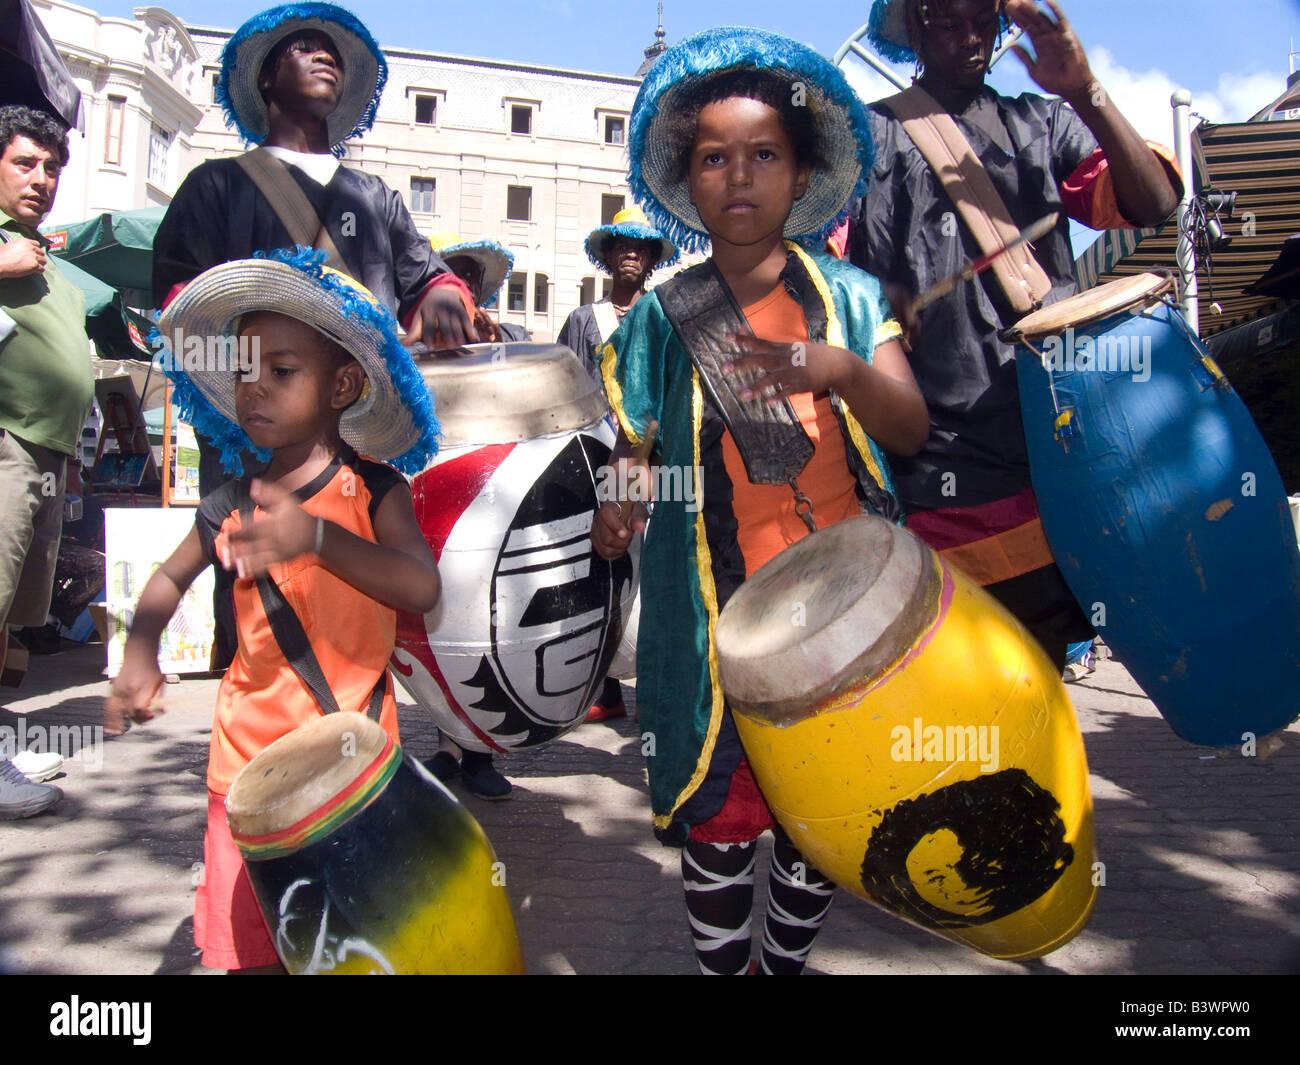 Los niños tocando los tambores en una fiesta tradicional, Montevideo, Uruguay Imagen De Stock